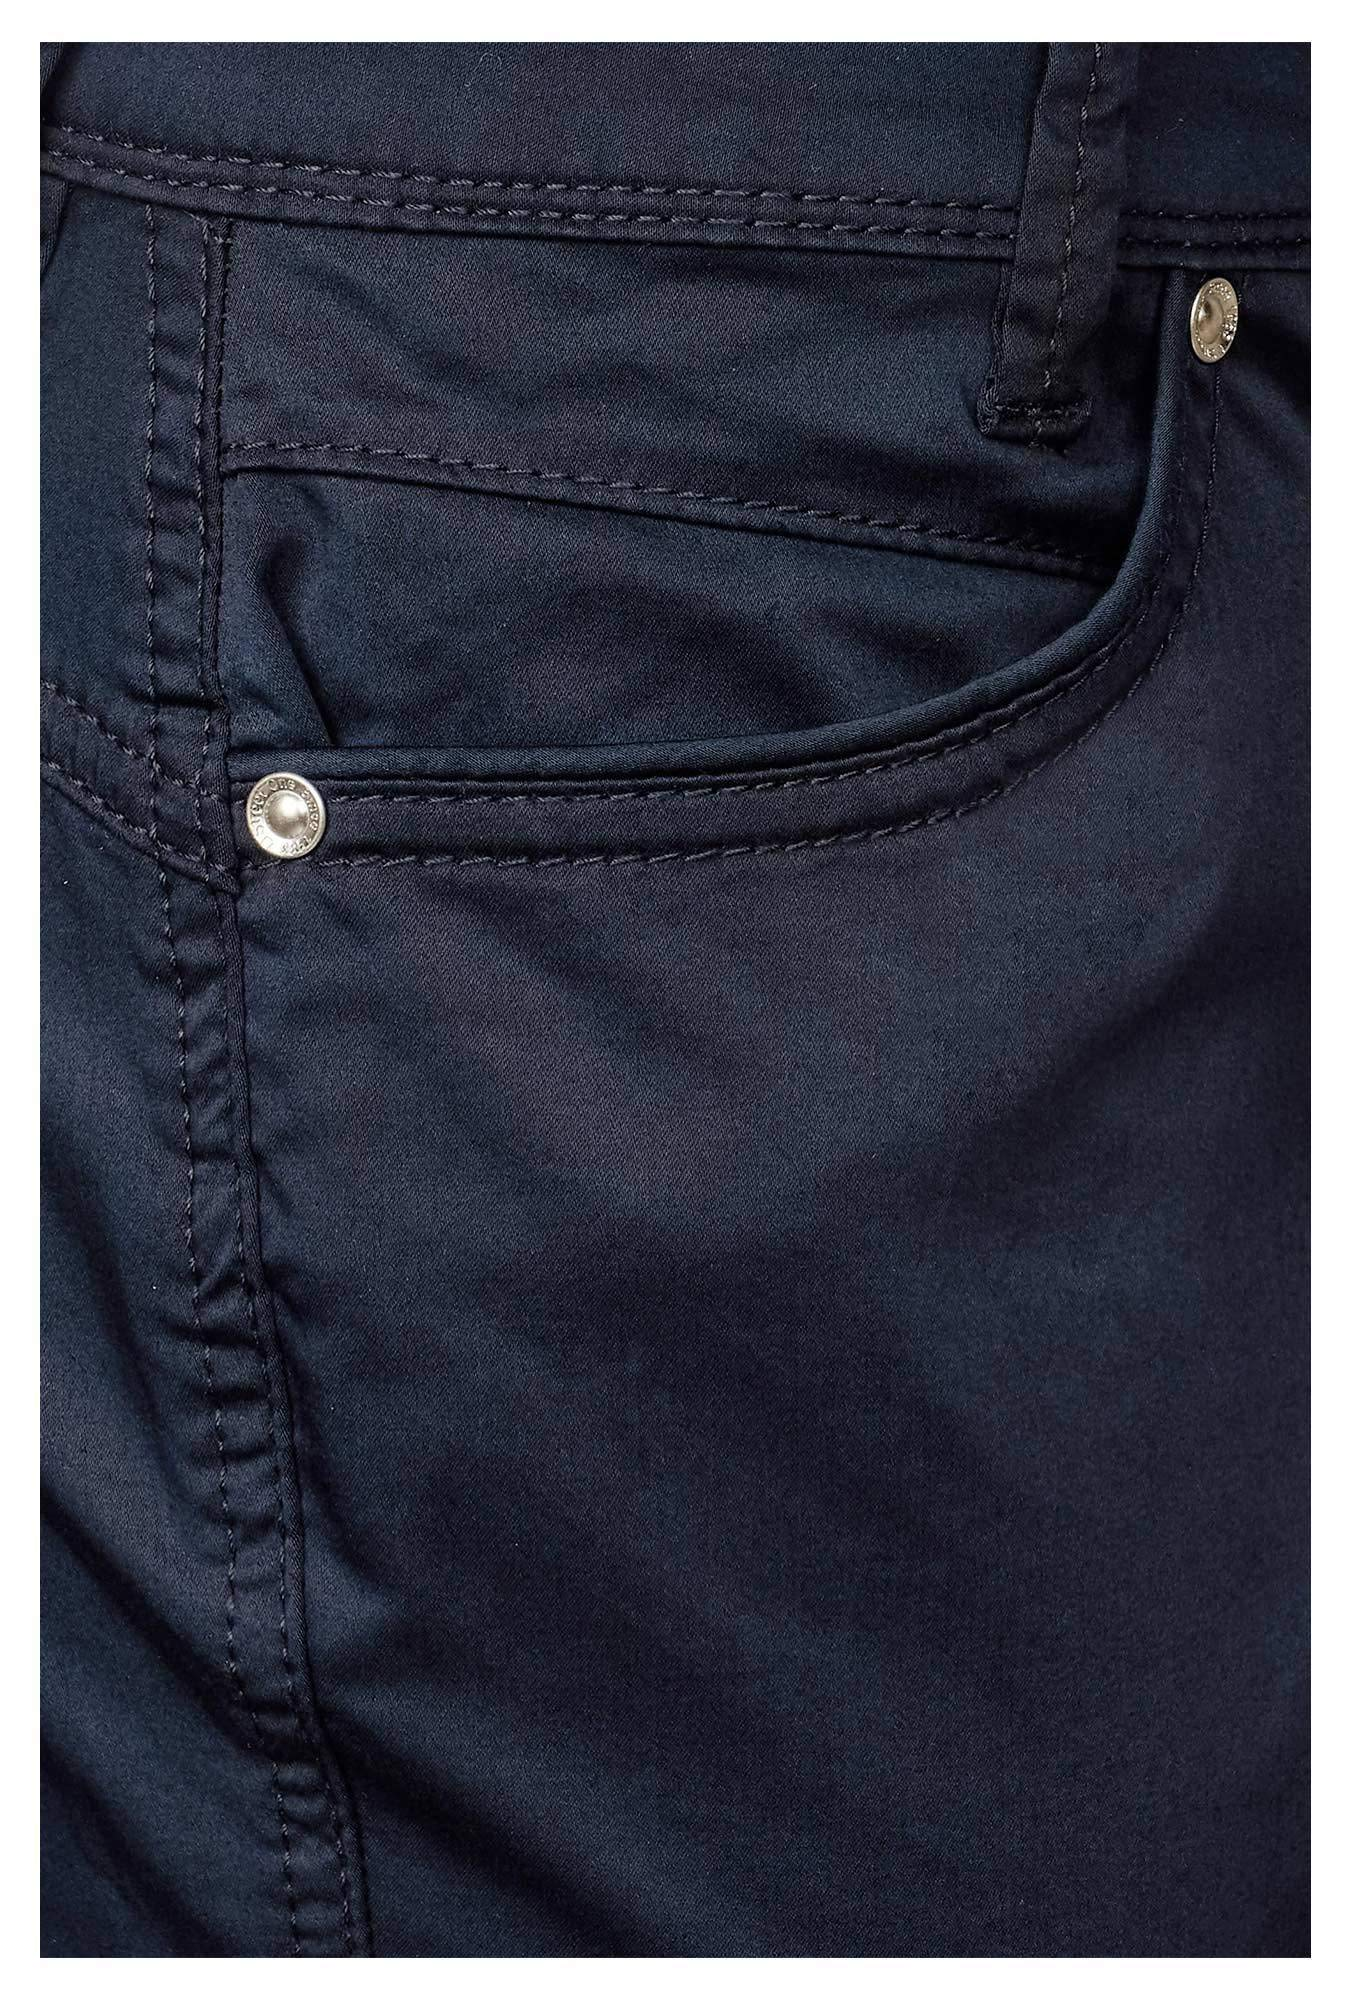 Street One Hosen & Shorts in dunkel-blau günstig kaufen